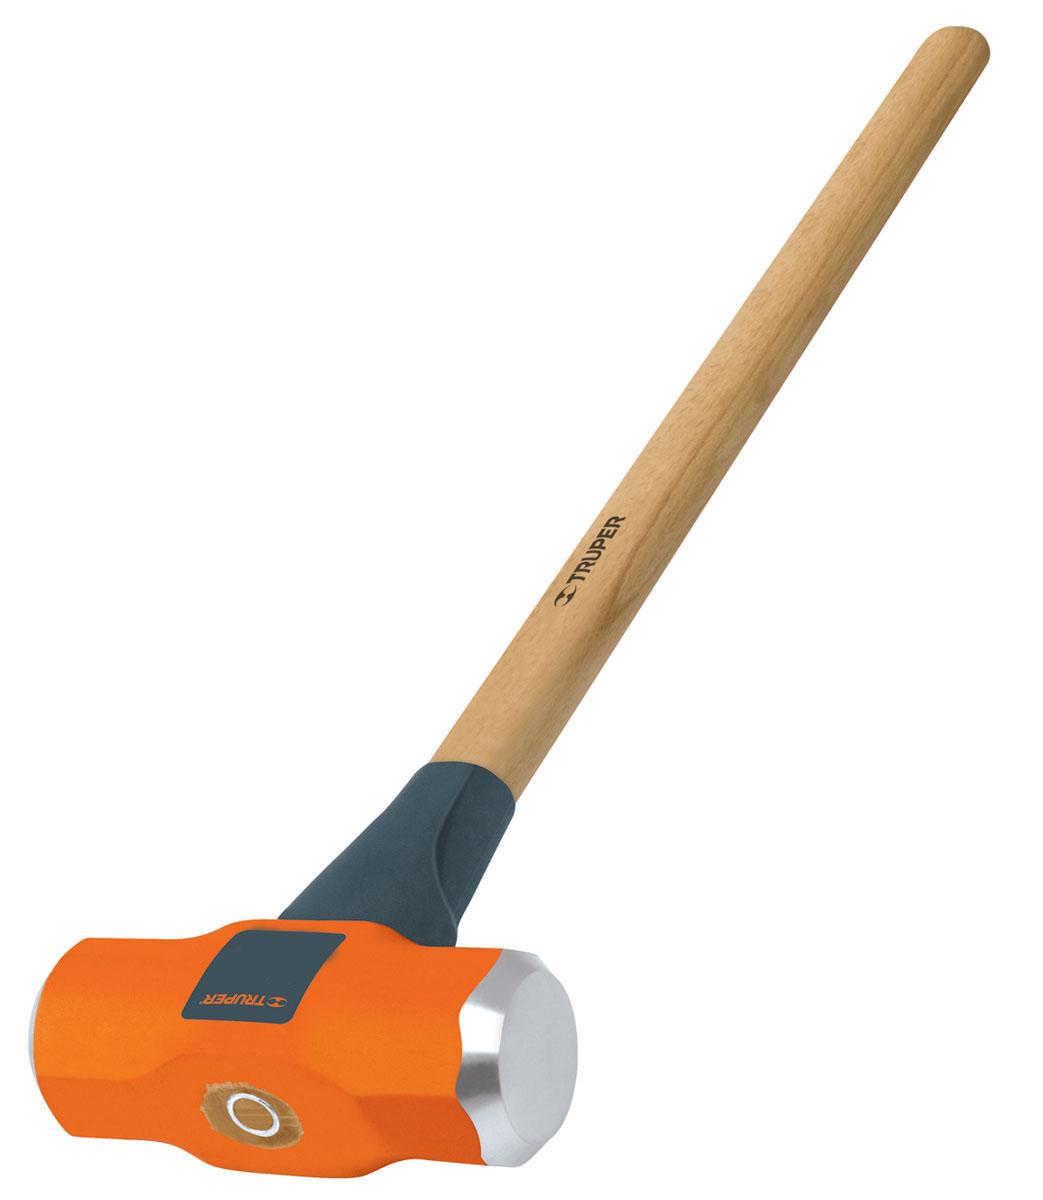 Кувалда Truper, с деревянной рукояткой, 2,7 кгMD-6MКувалда Truper предназначена для нанесения исключительно сильных ударов при обработке металла, на демонтаже и монтаже конструкций. Деревянная ручка с антишоковой защитой, изготовленная из дуба, обеспечивает надежный хват. Финишная обработка бойка.